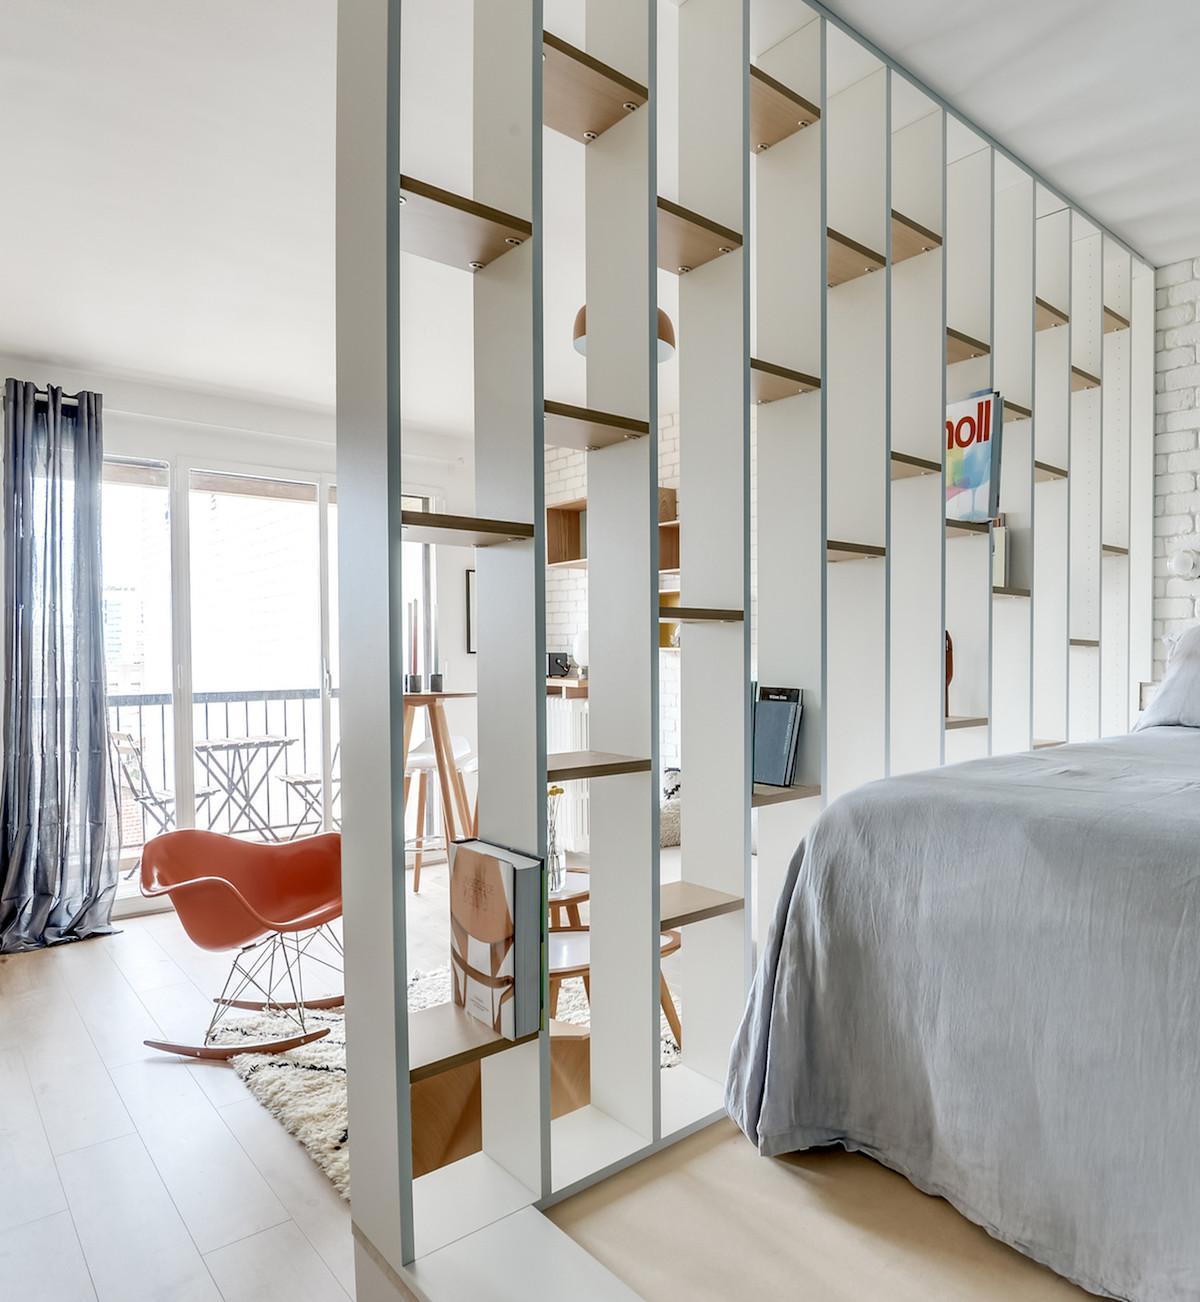 blog déco chambre ouverte cloison étagère lit estrade meuble ikéa hack